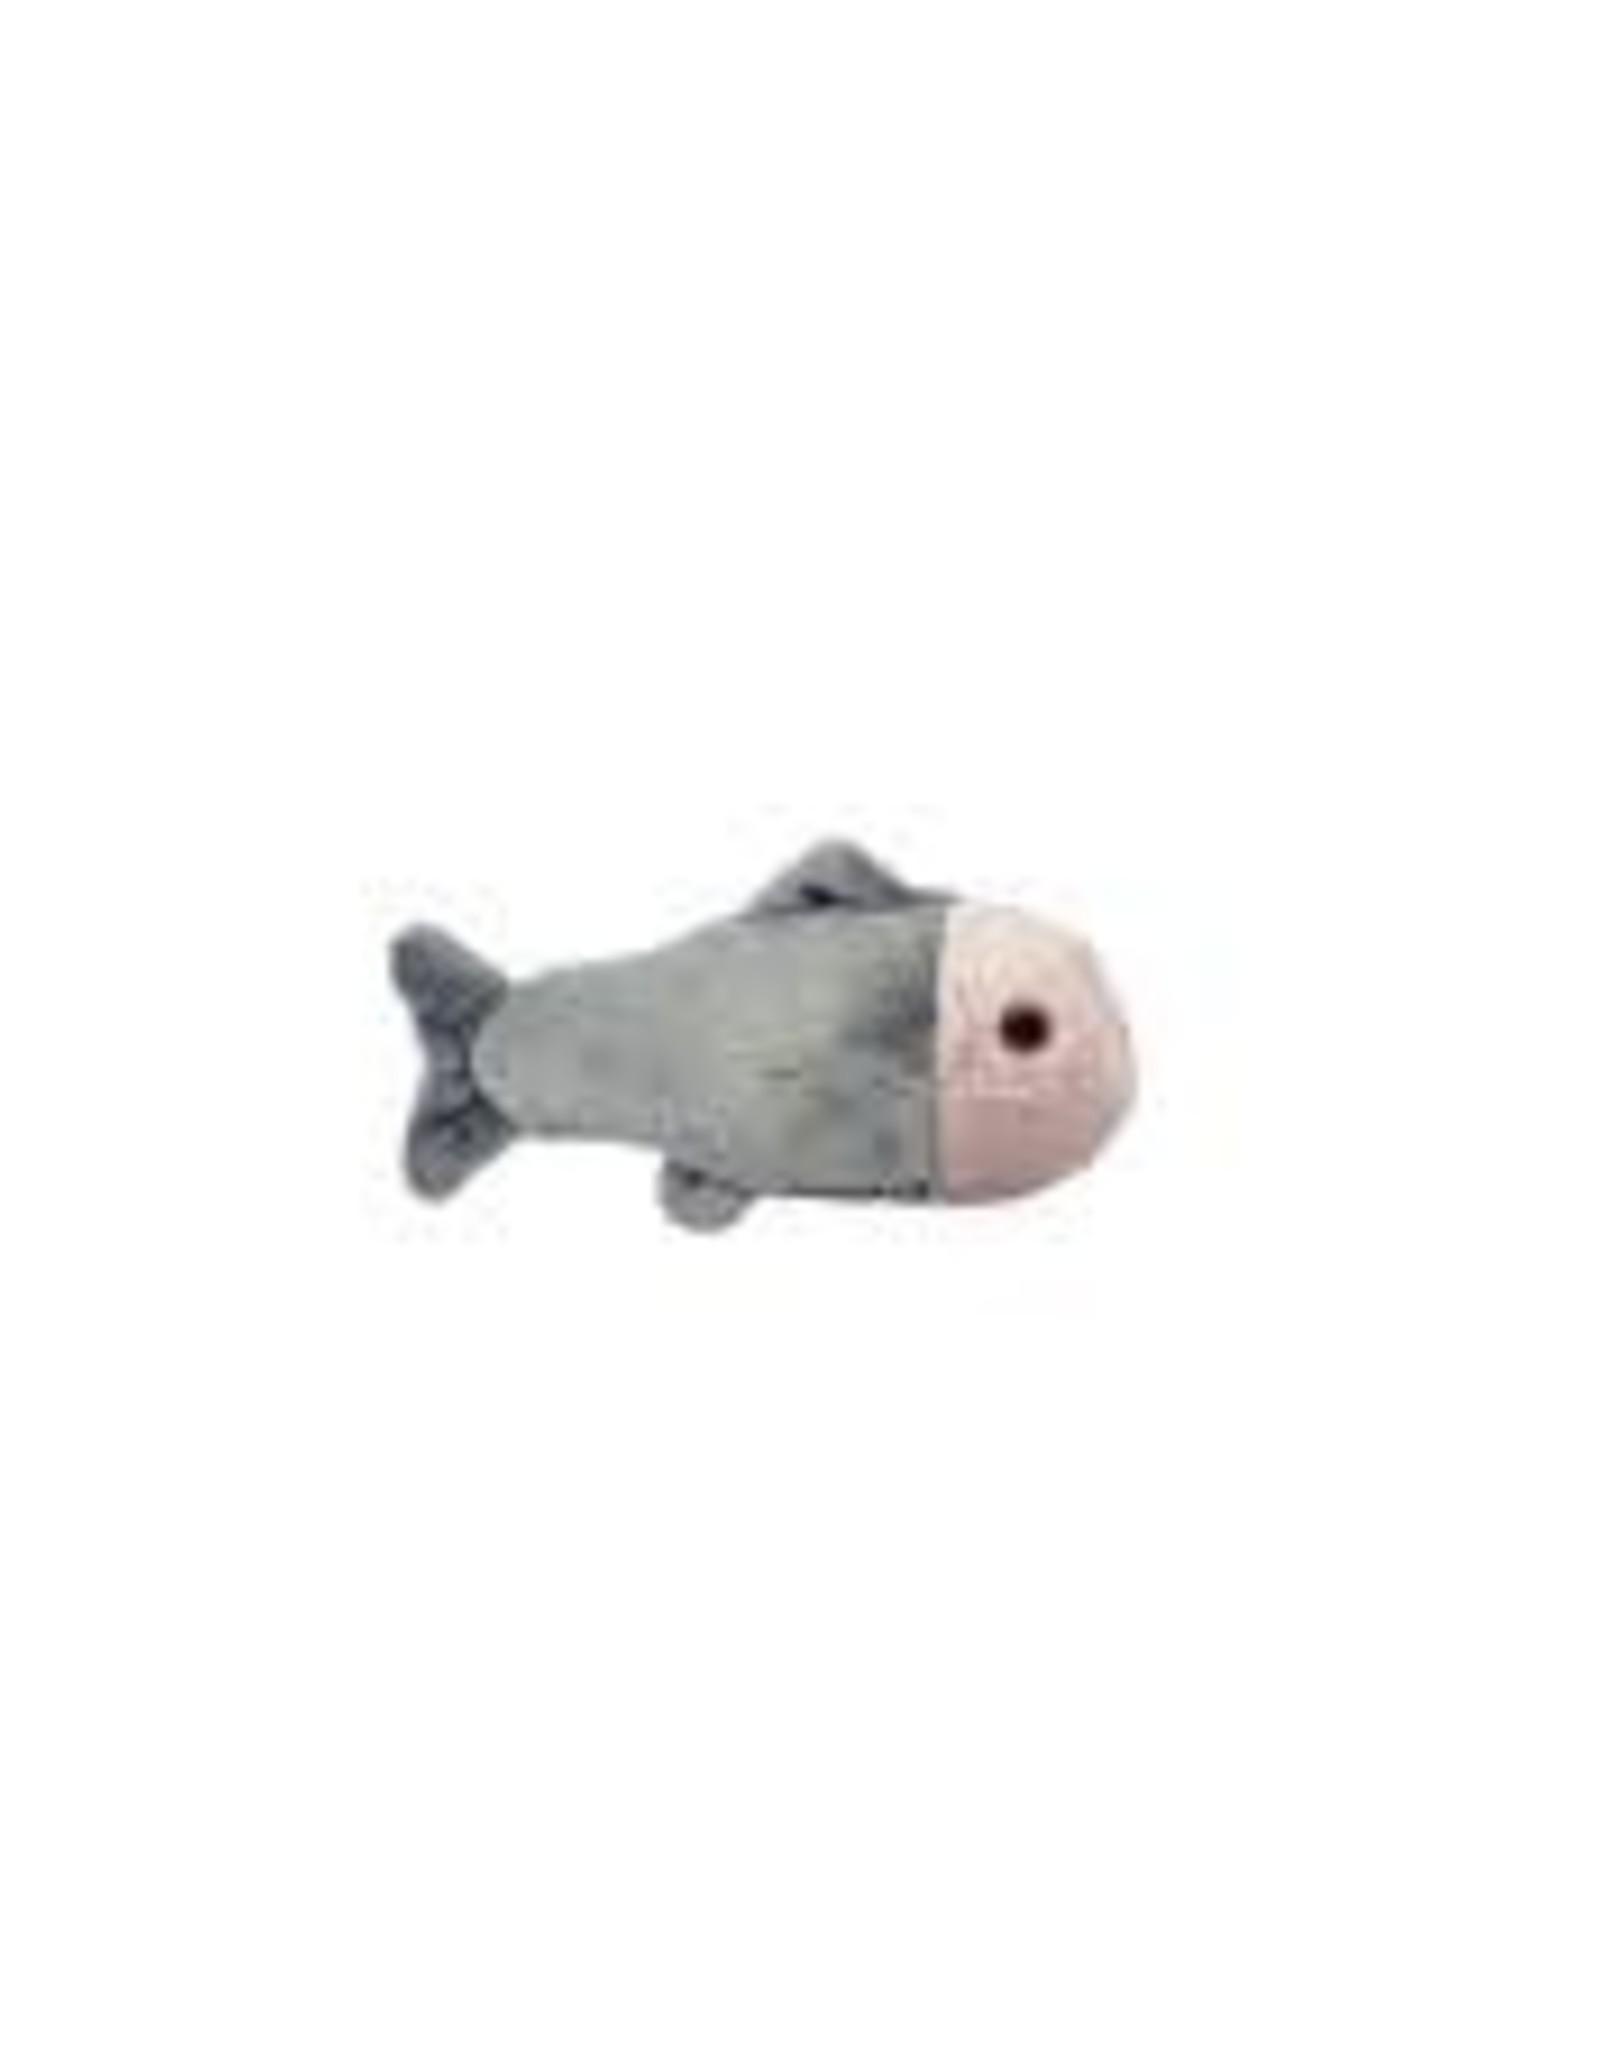 Fluff & Tuff Guppy Fish